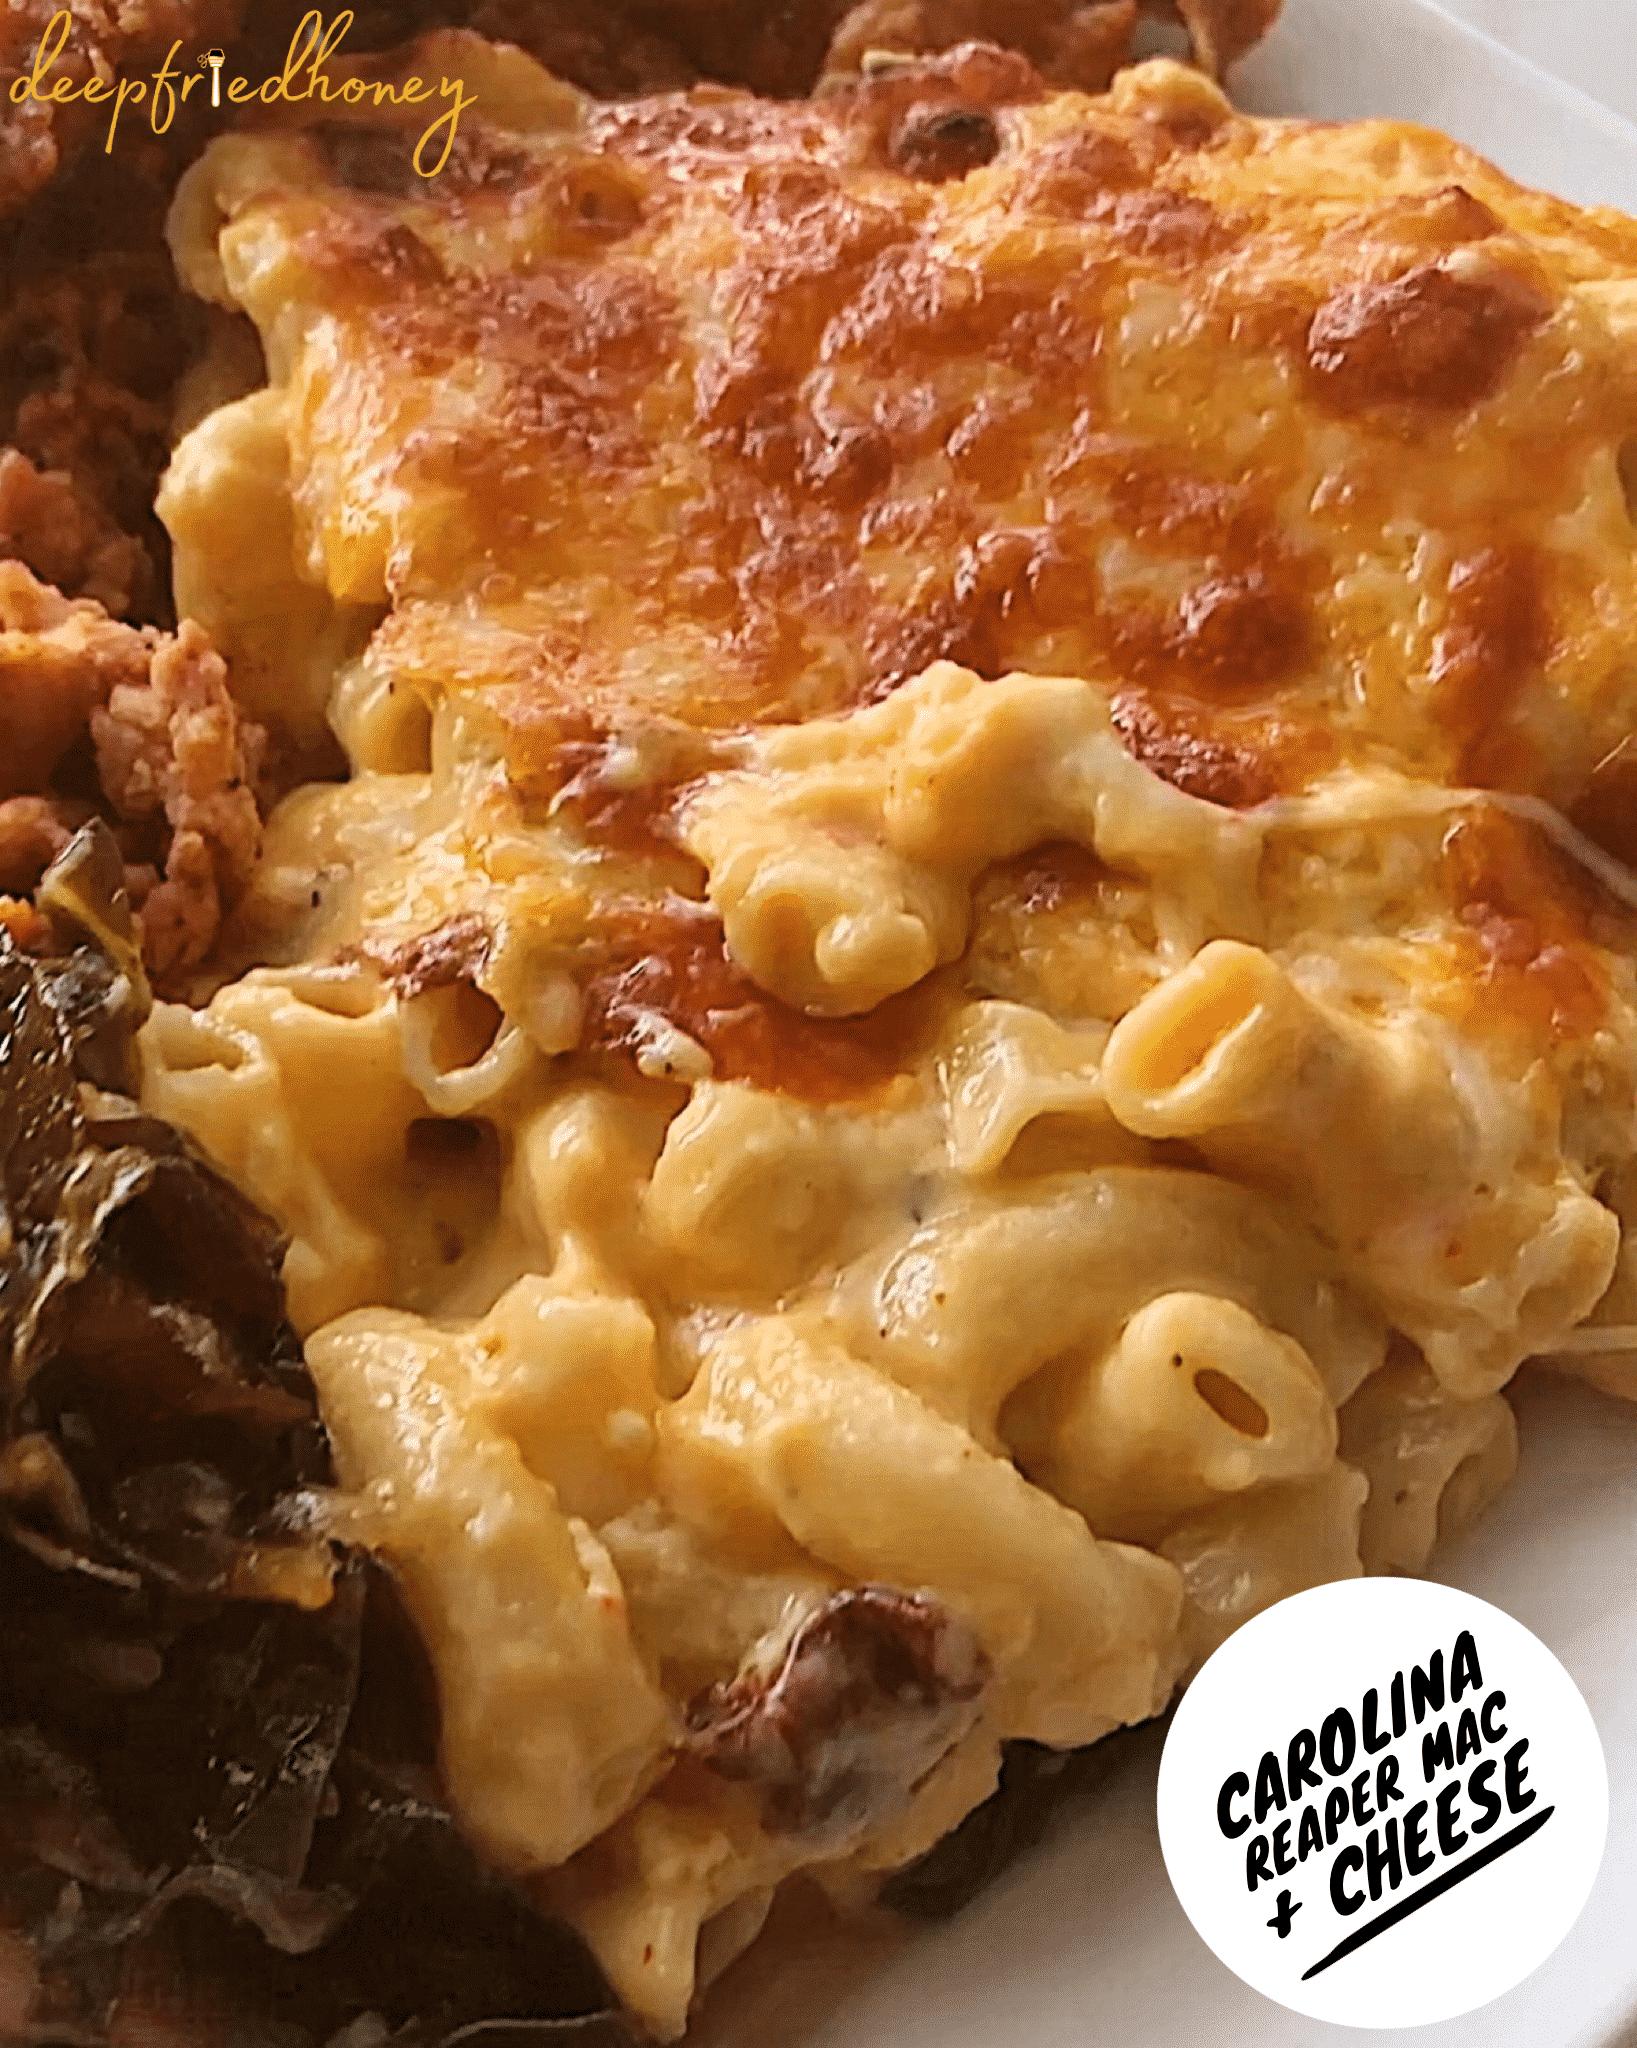 Carolina Reaper Mac & Cheese